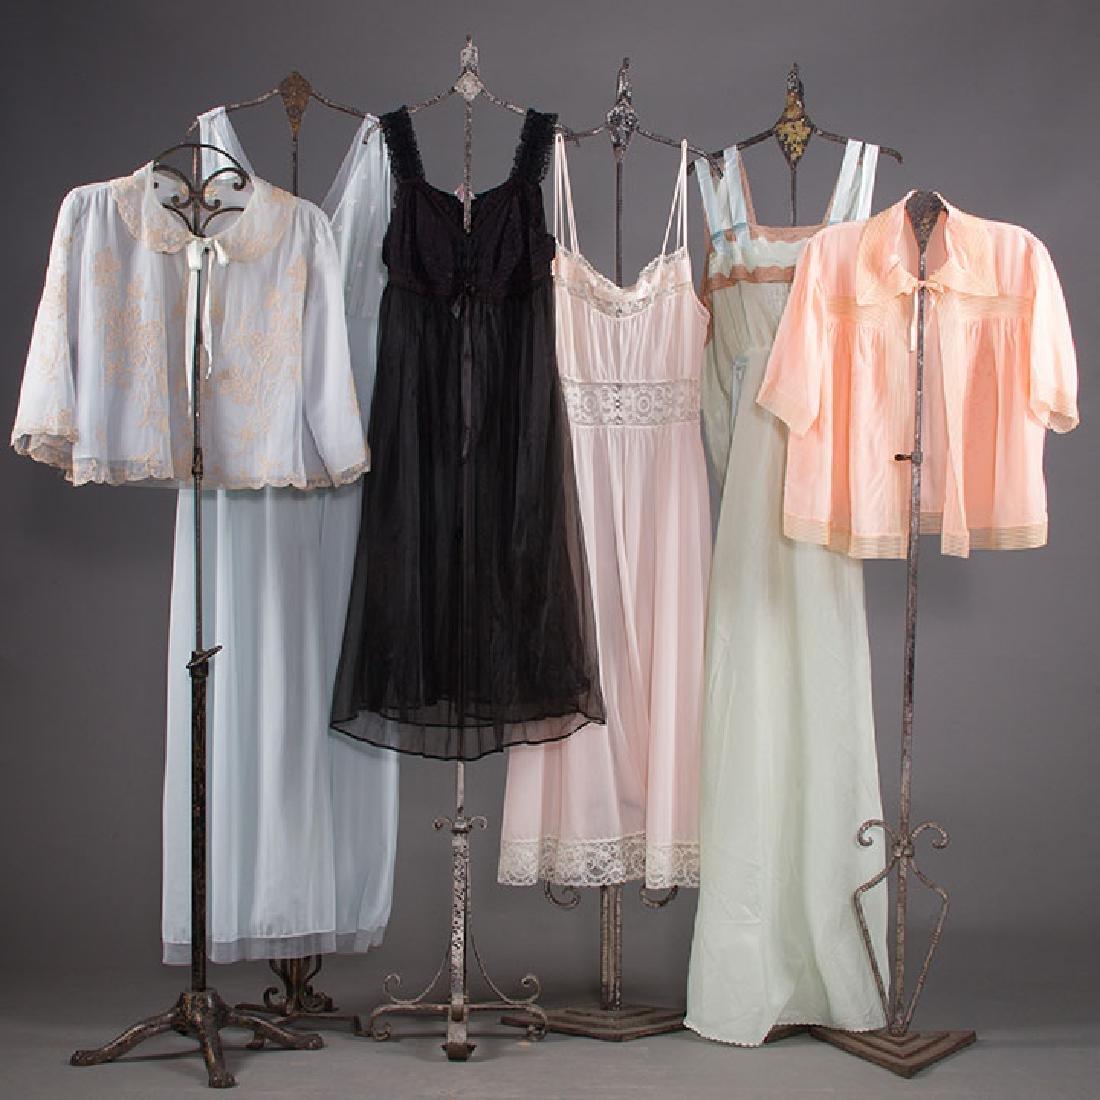 FIVE PIECES LINGERIE, 1950-1970